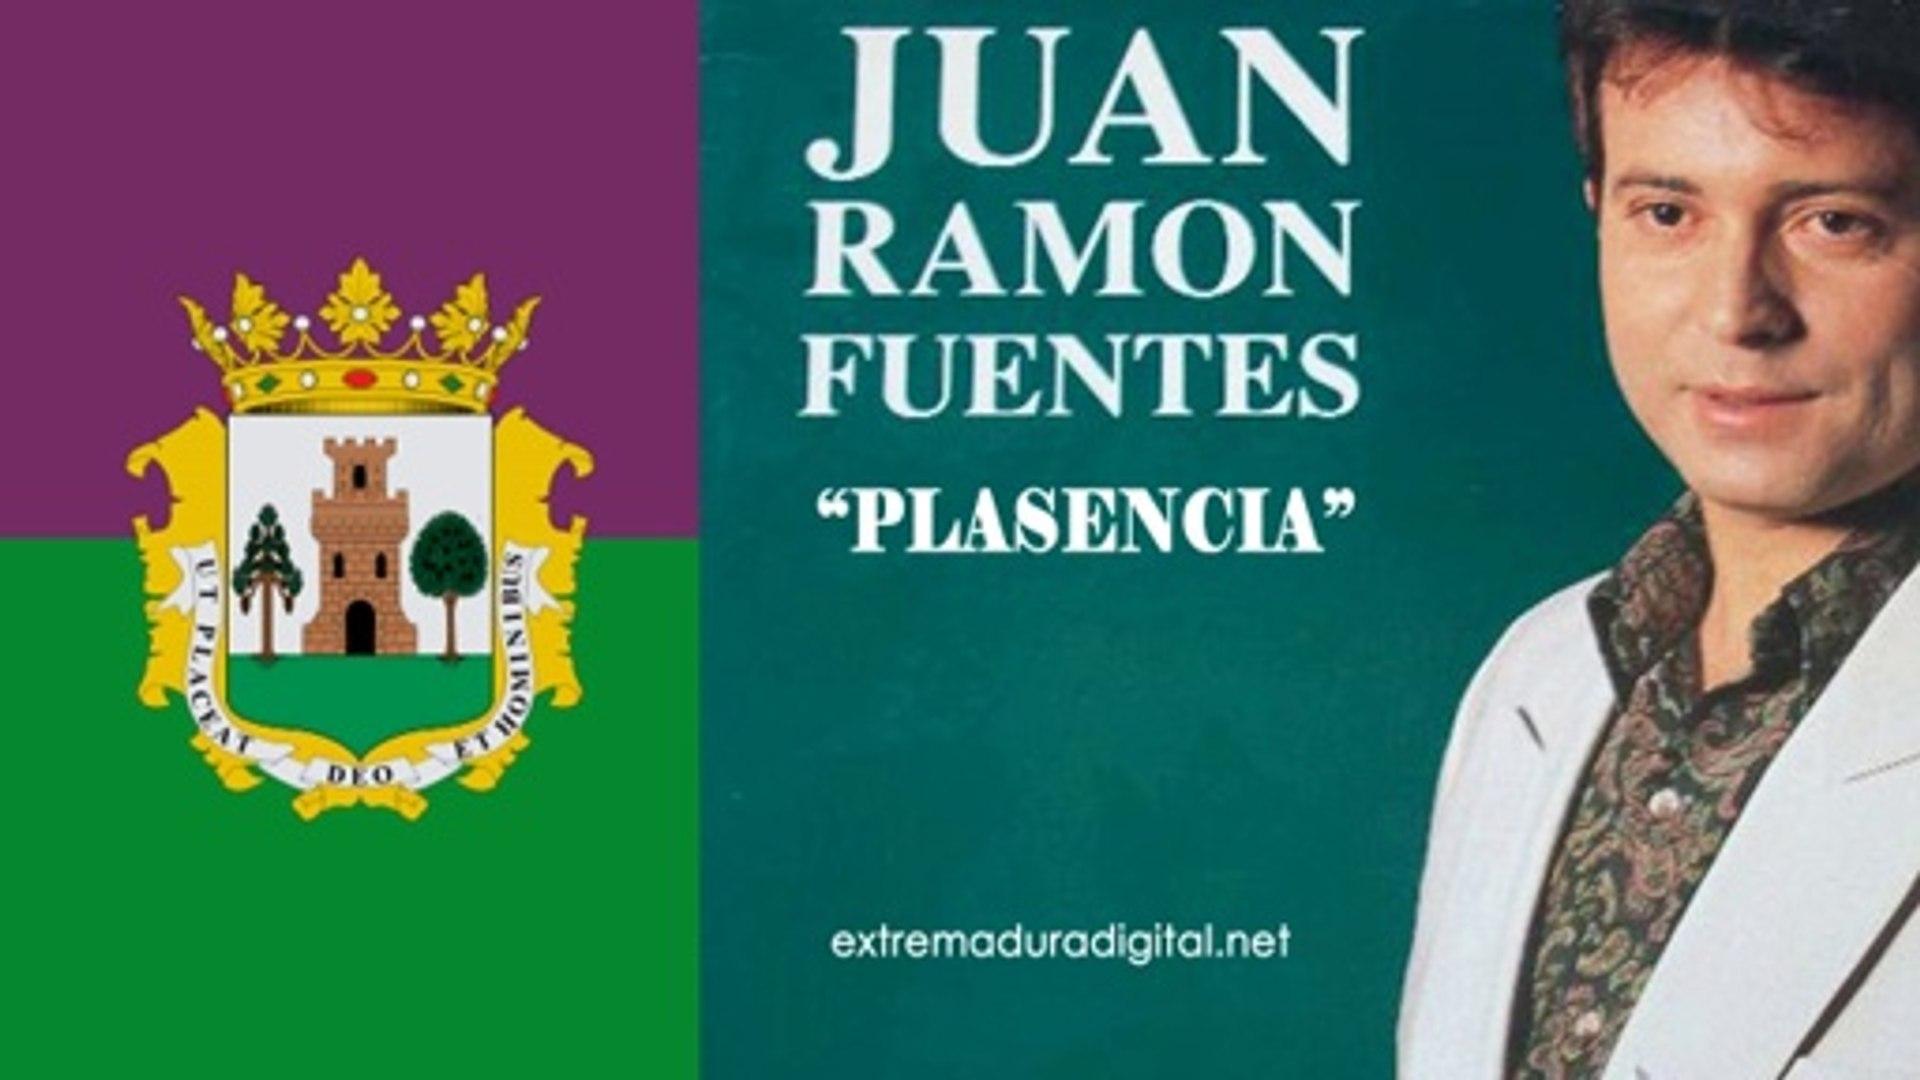 Juan Ramón Fuentes Plasencia Vídeo Dailymotion